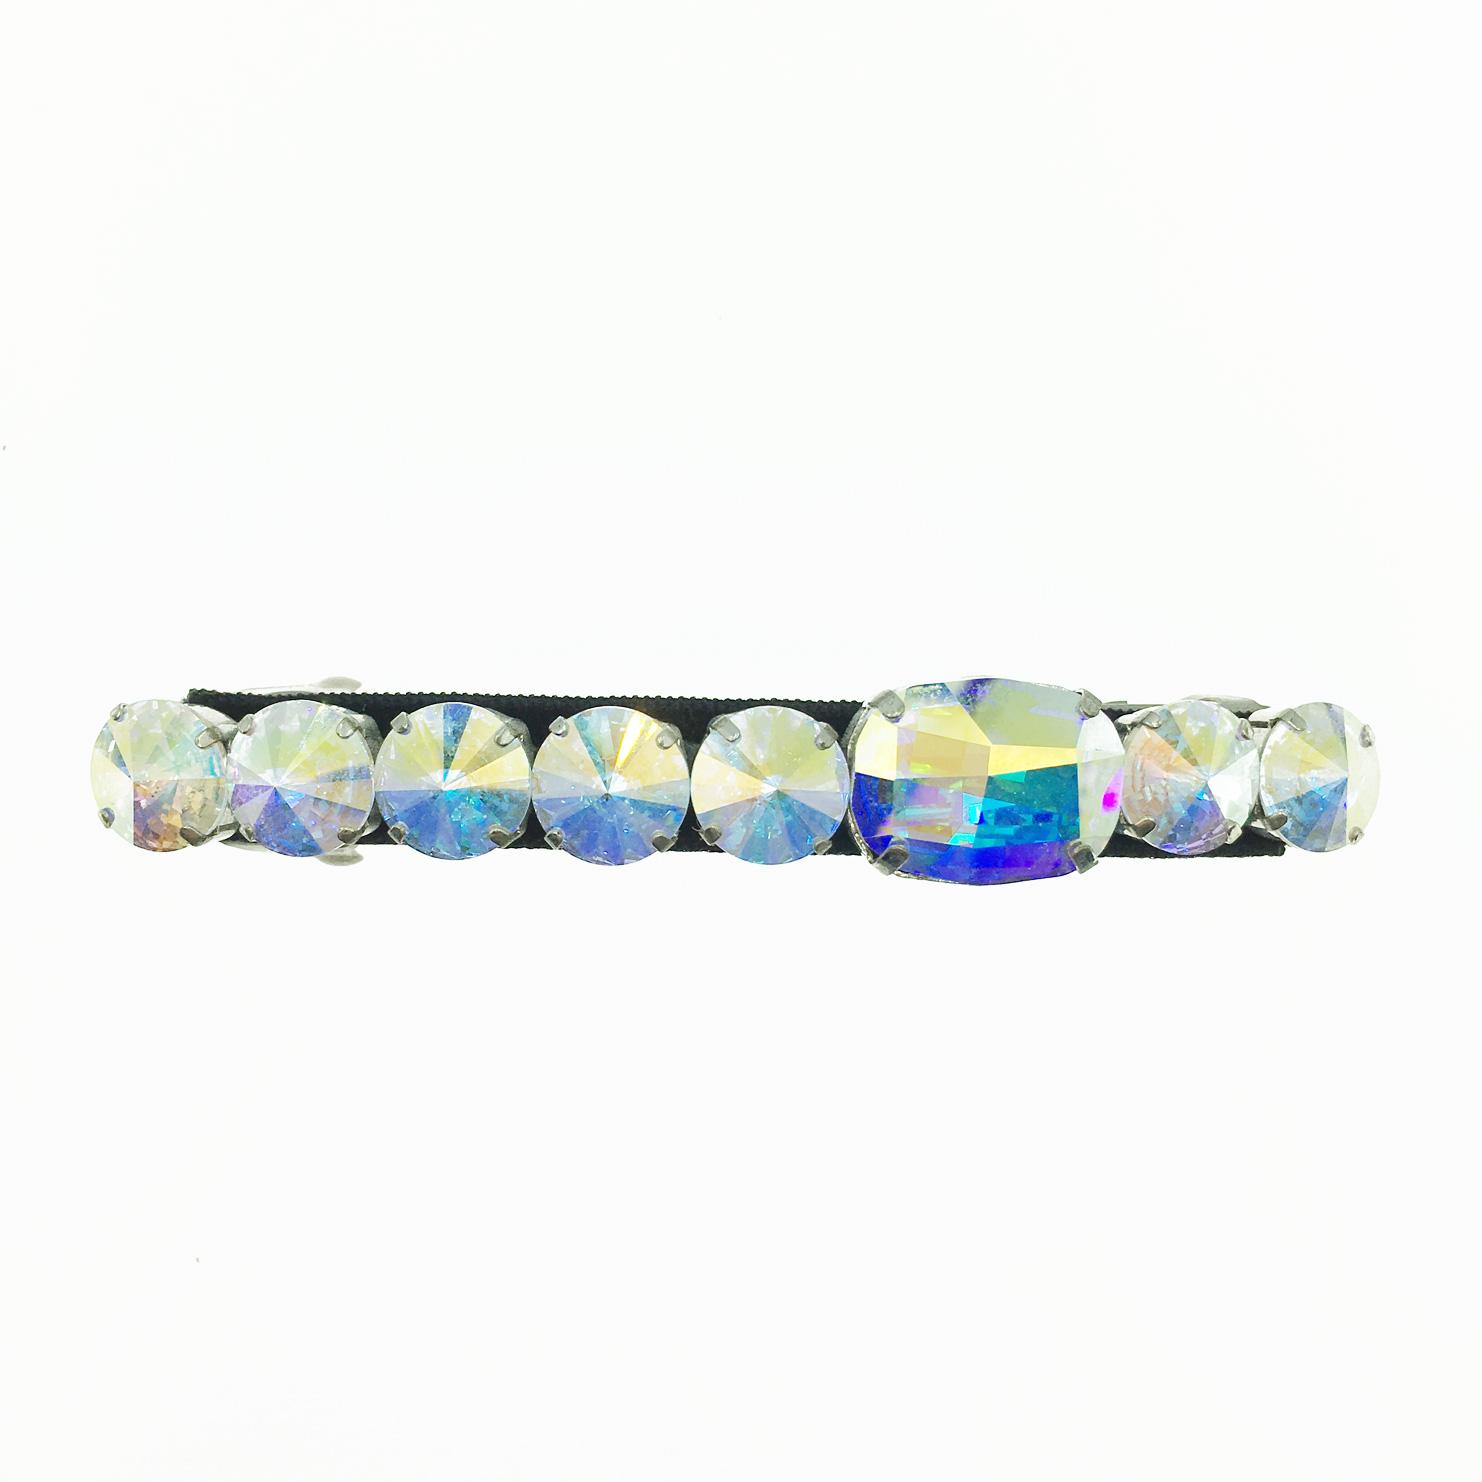 韓國 水鑽水晶 白鑽 基本百搭款 髮夾 自動夾 採用施華洛世奇水晶元素 Crystals from Swarovski